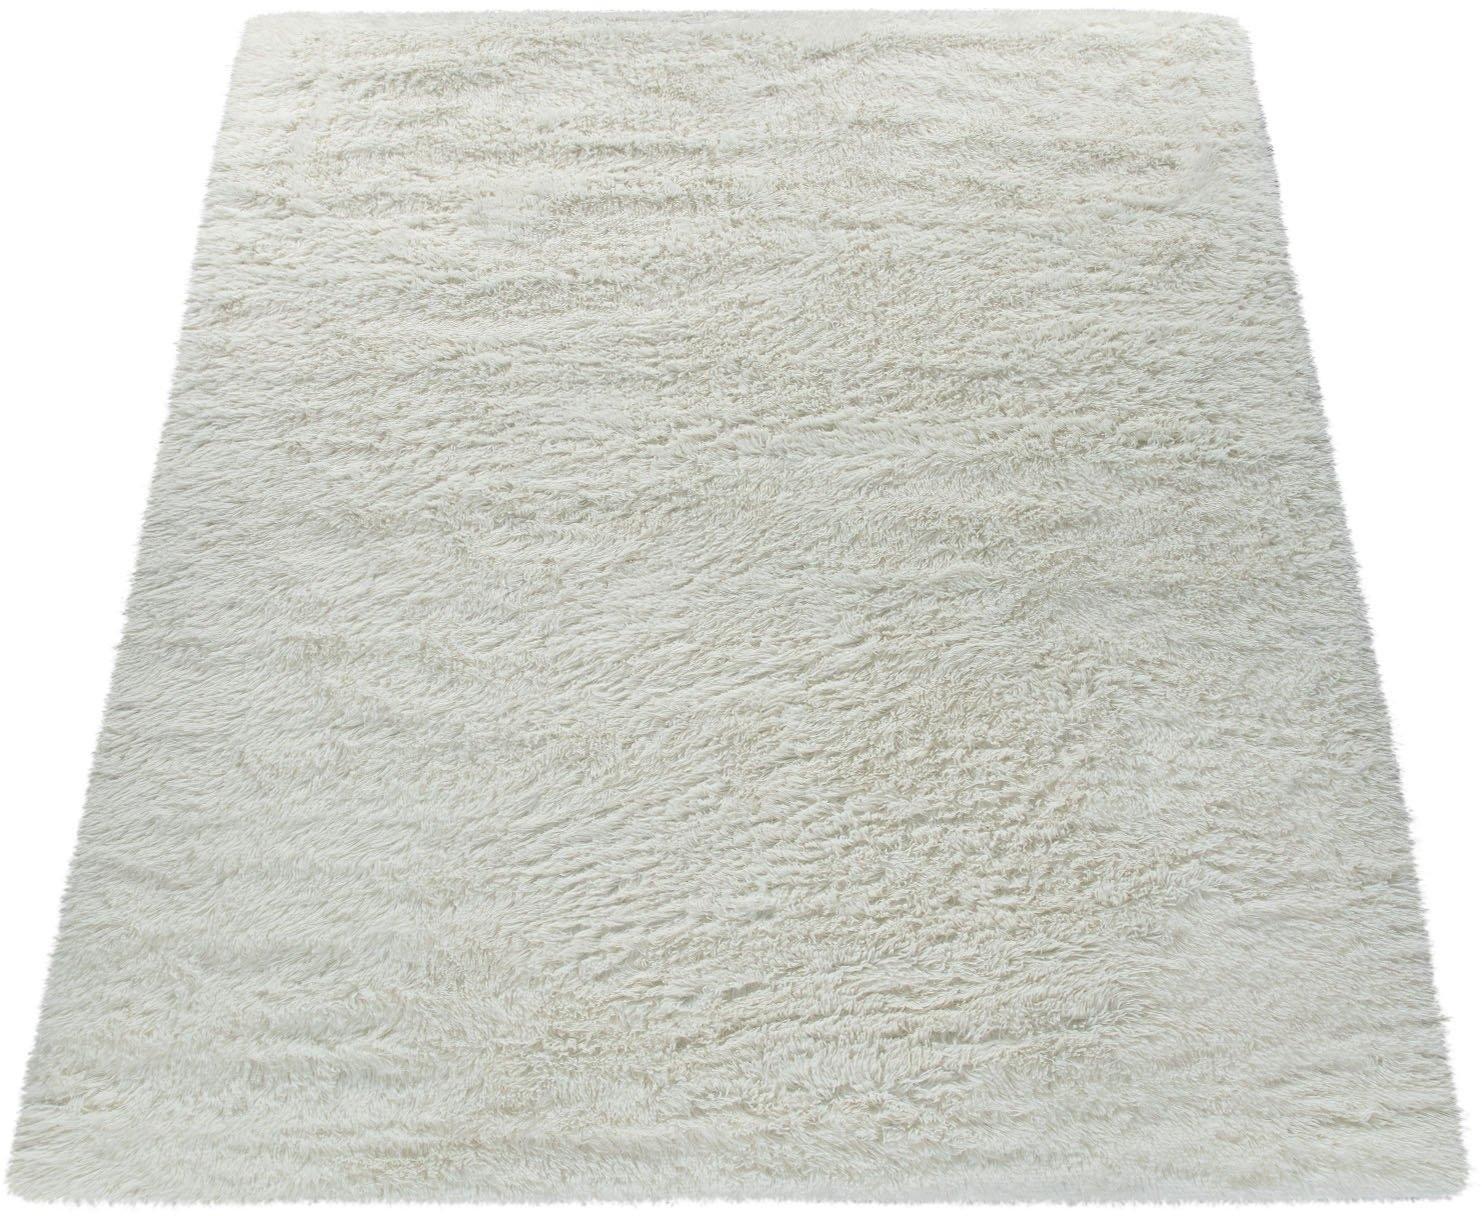 Paco Home Hoogpolig vloerkleed Silky 591 - verschillende betaalmethodes